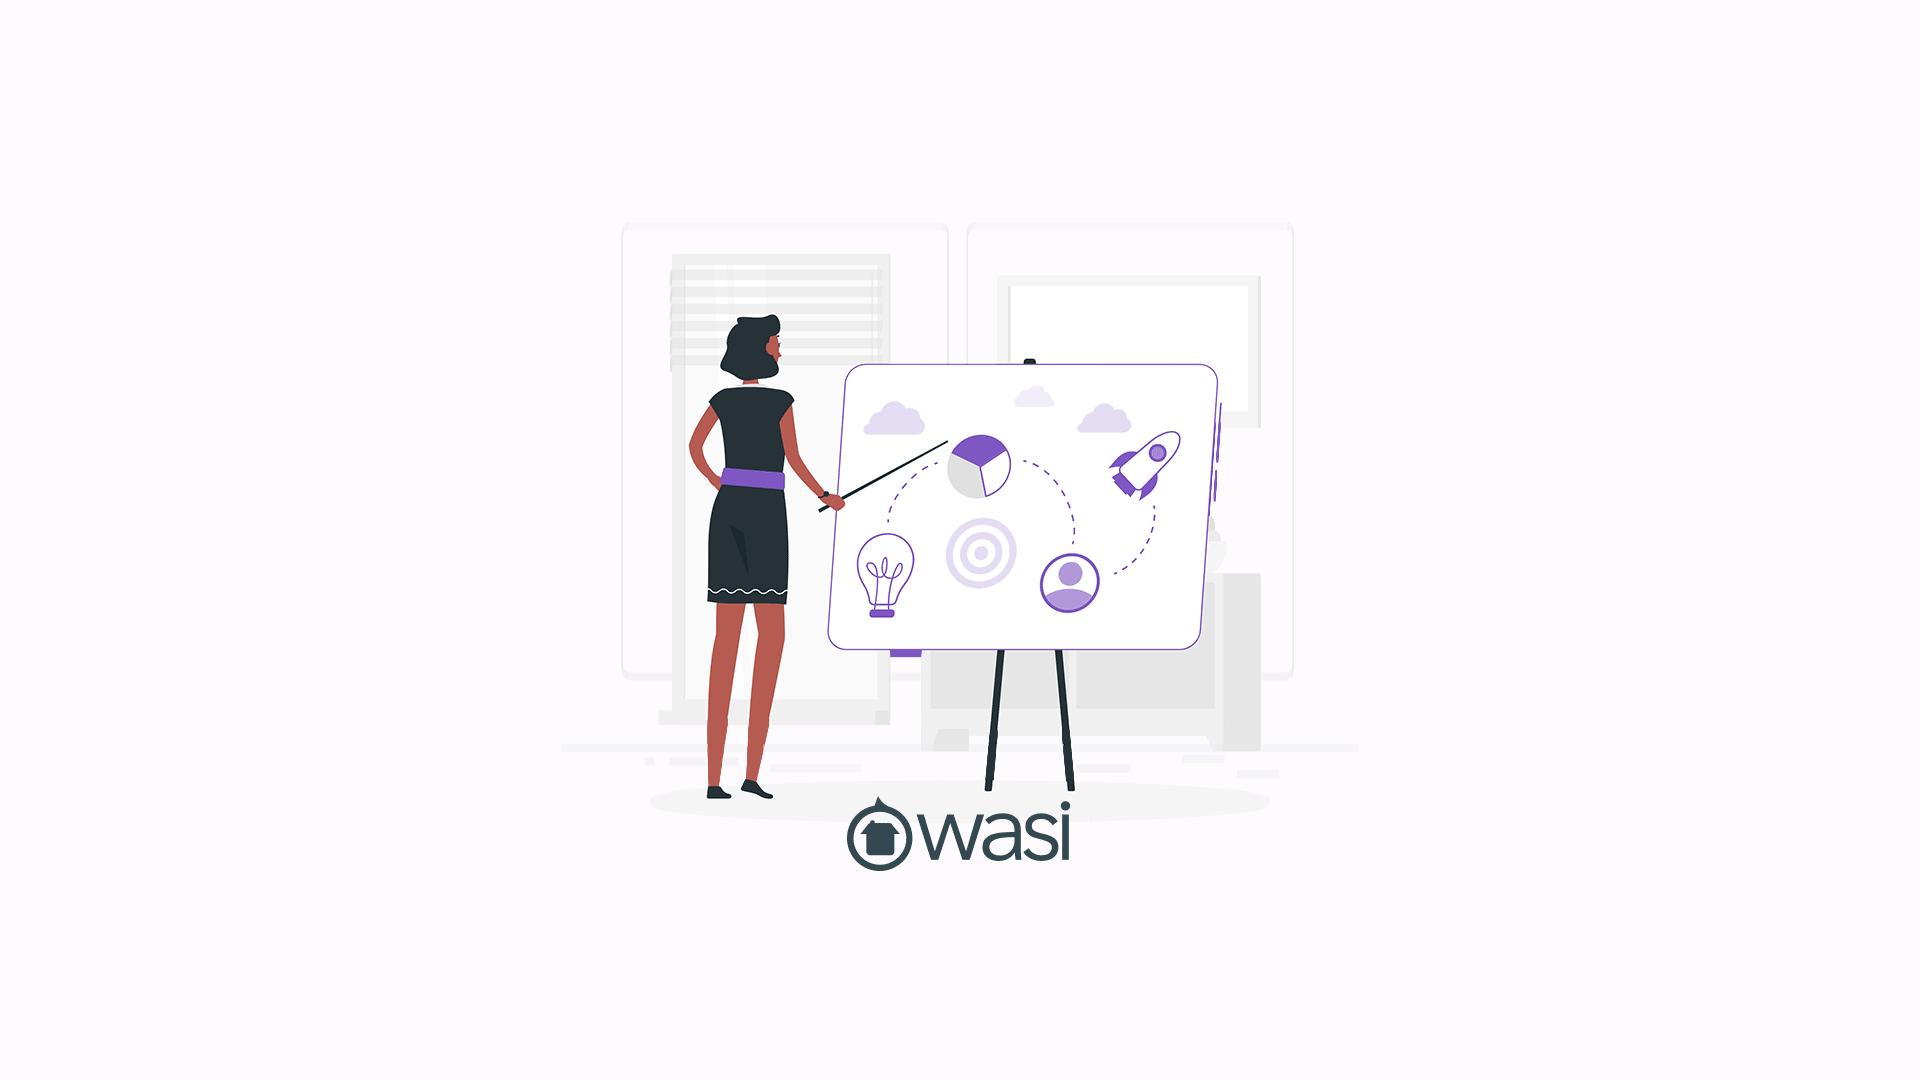 Proceso de ventas. Cómo hacerlo más efectivo con Wasi